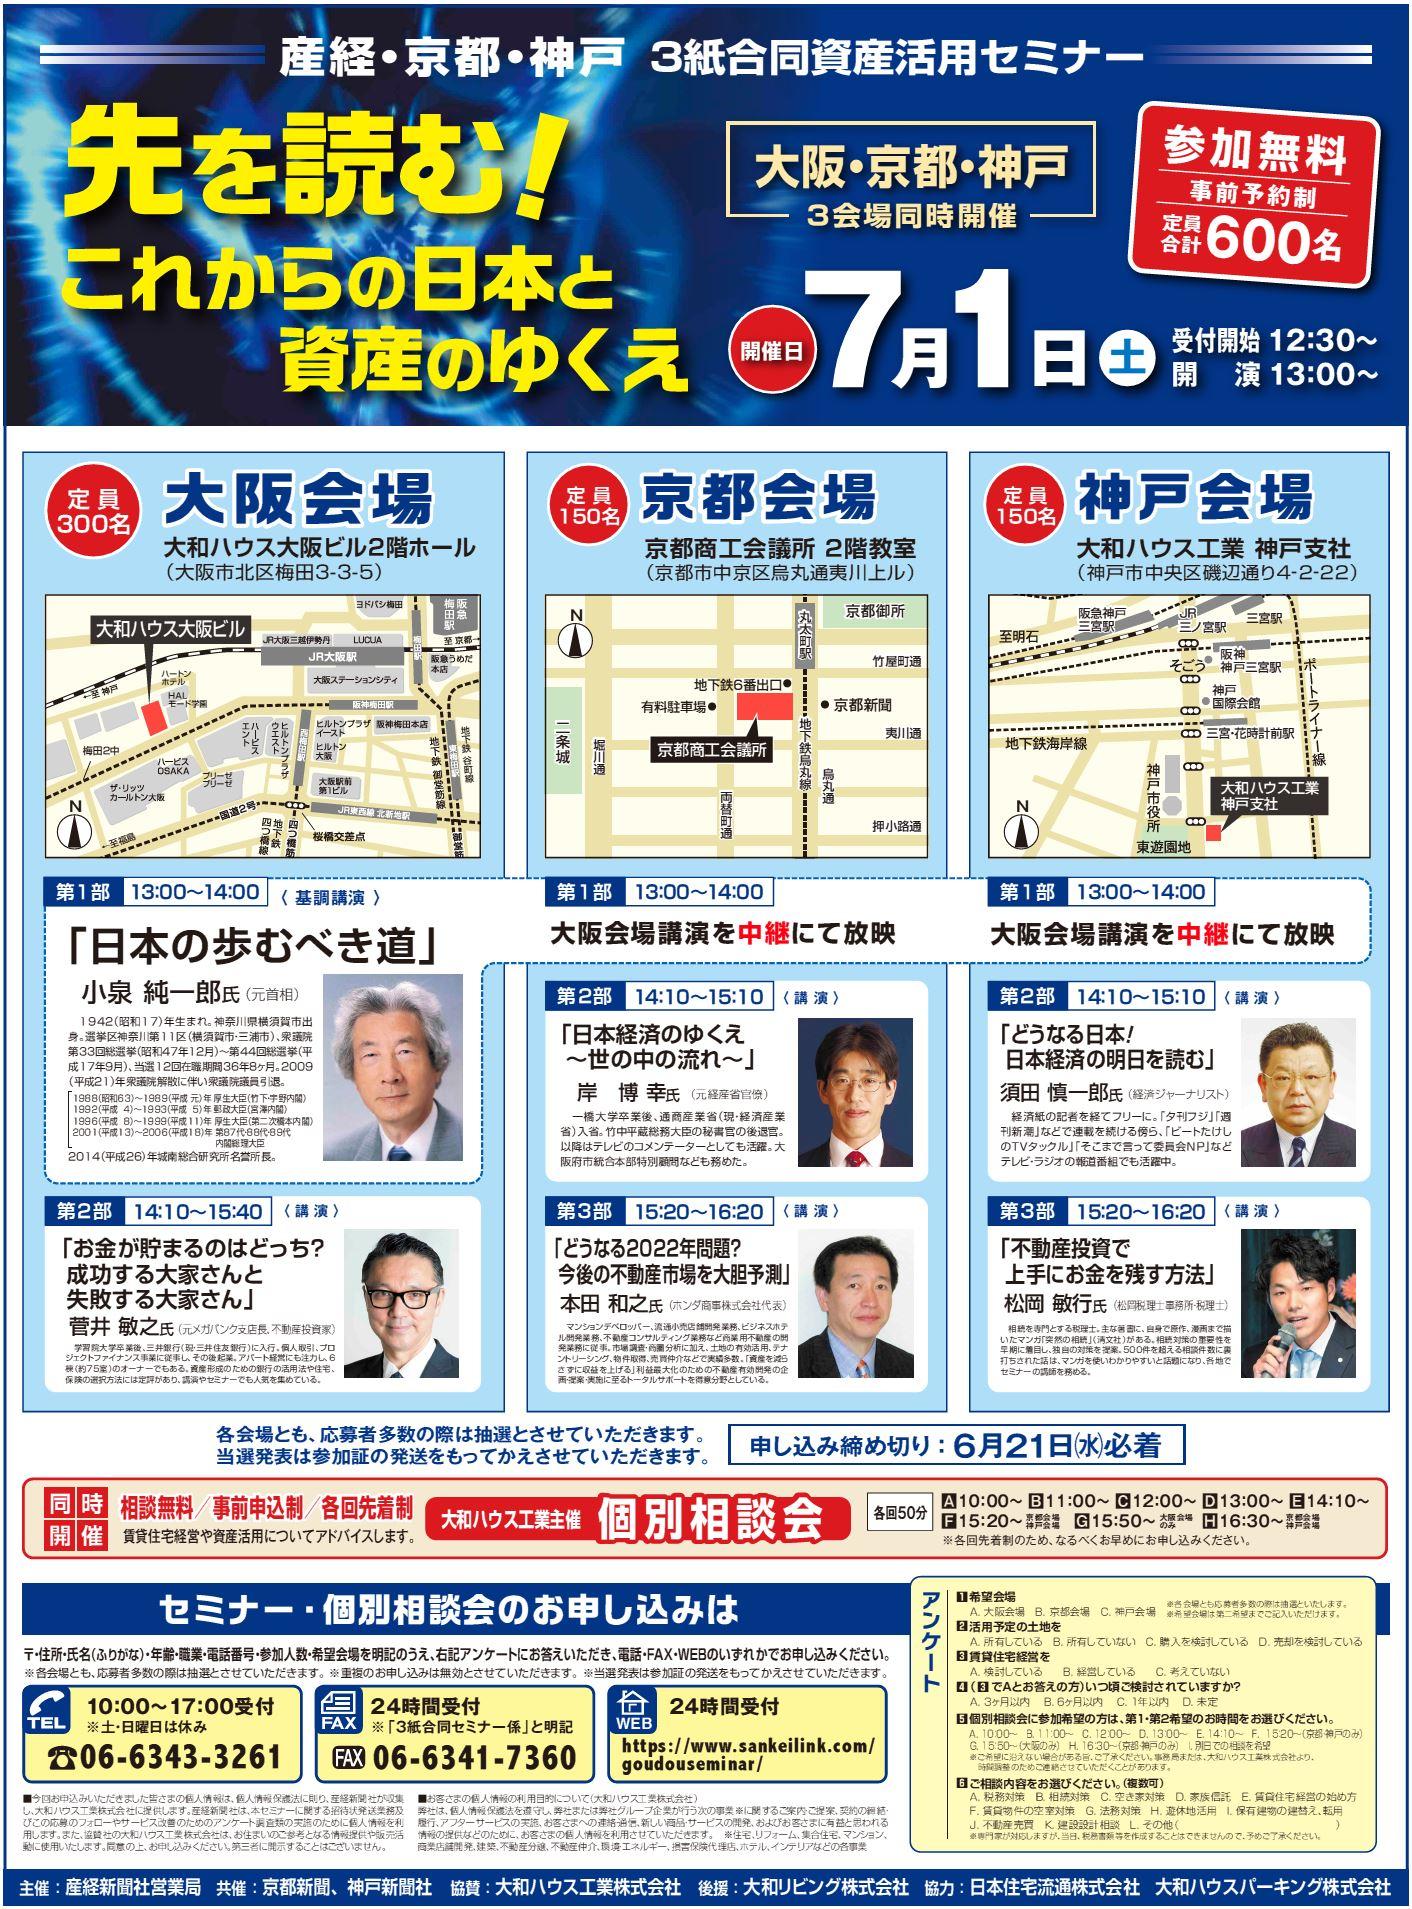 新しい画像 (9).jpg